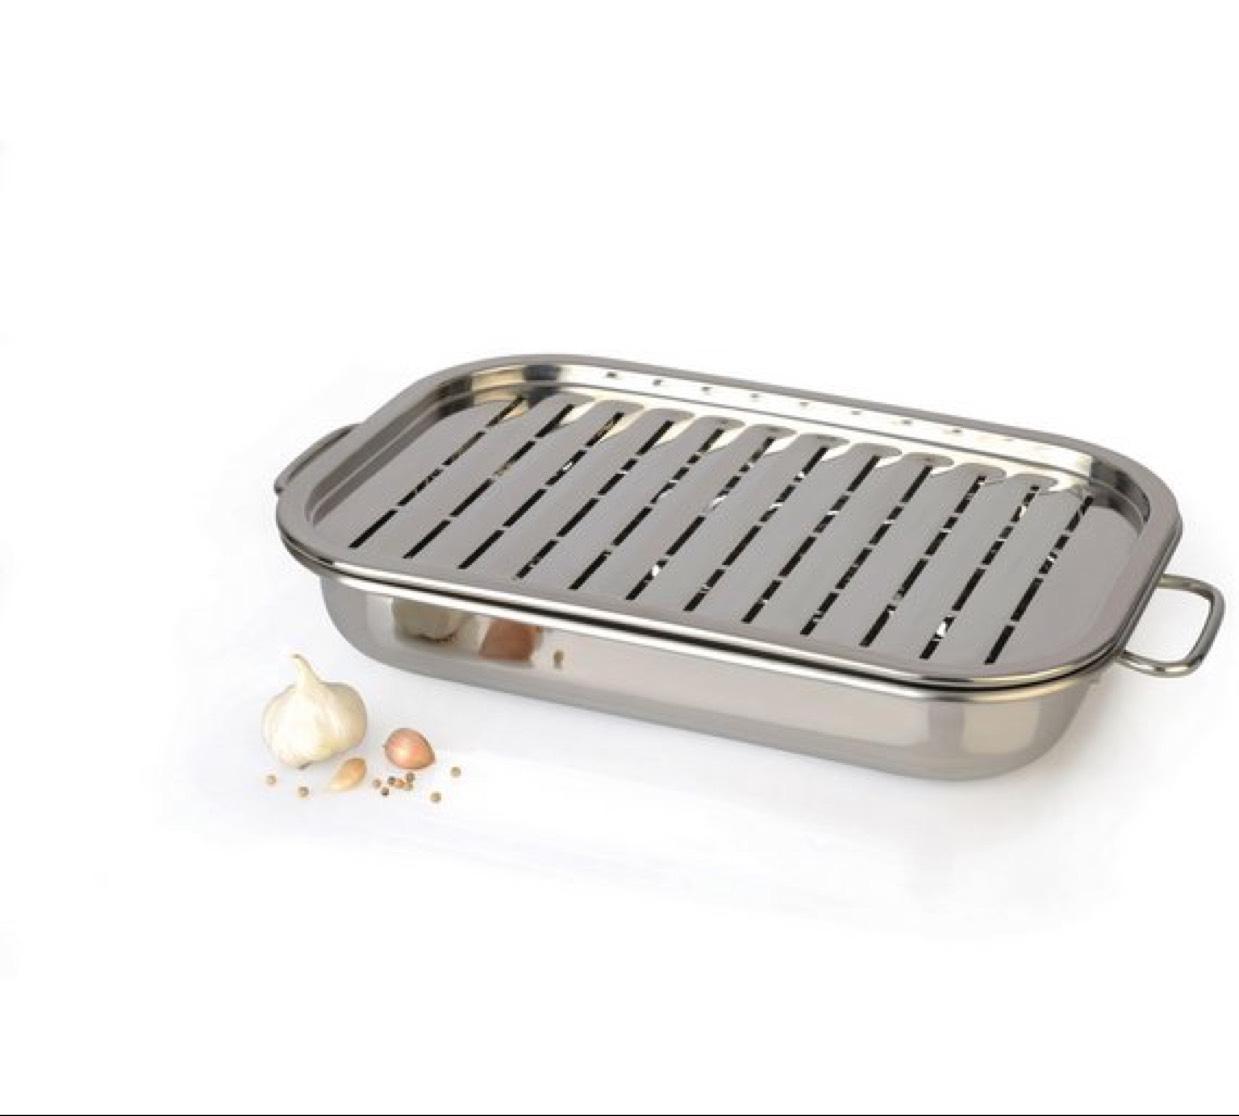 Bergoff studio 40cm roasting tin £15 @ Argos